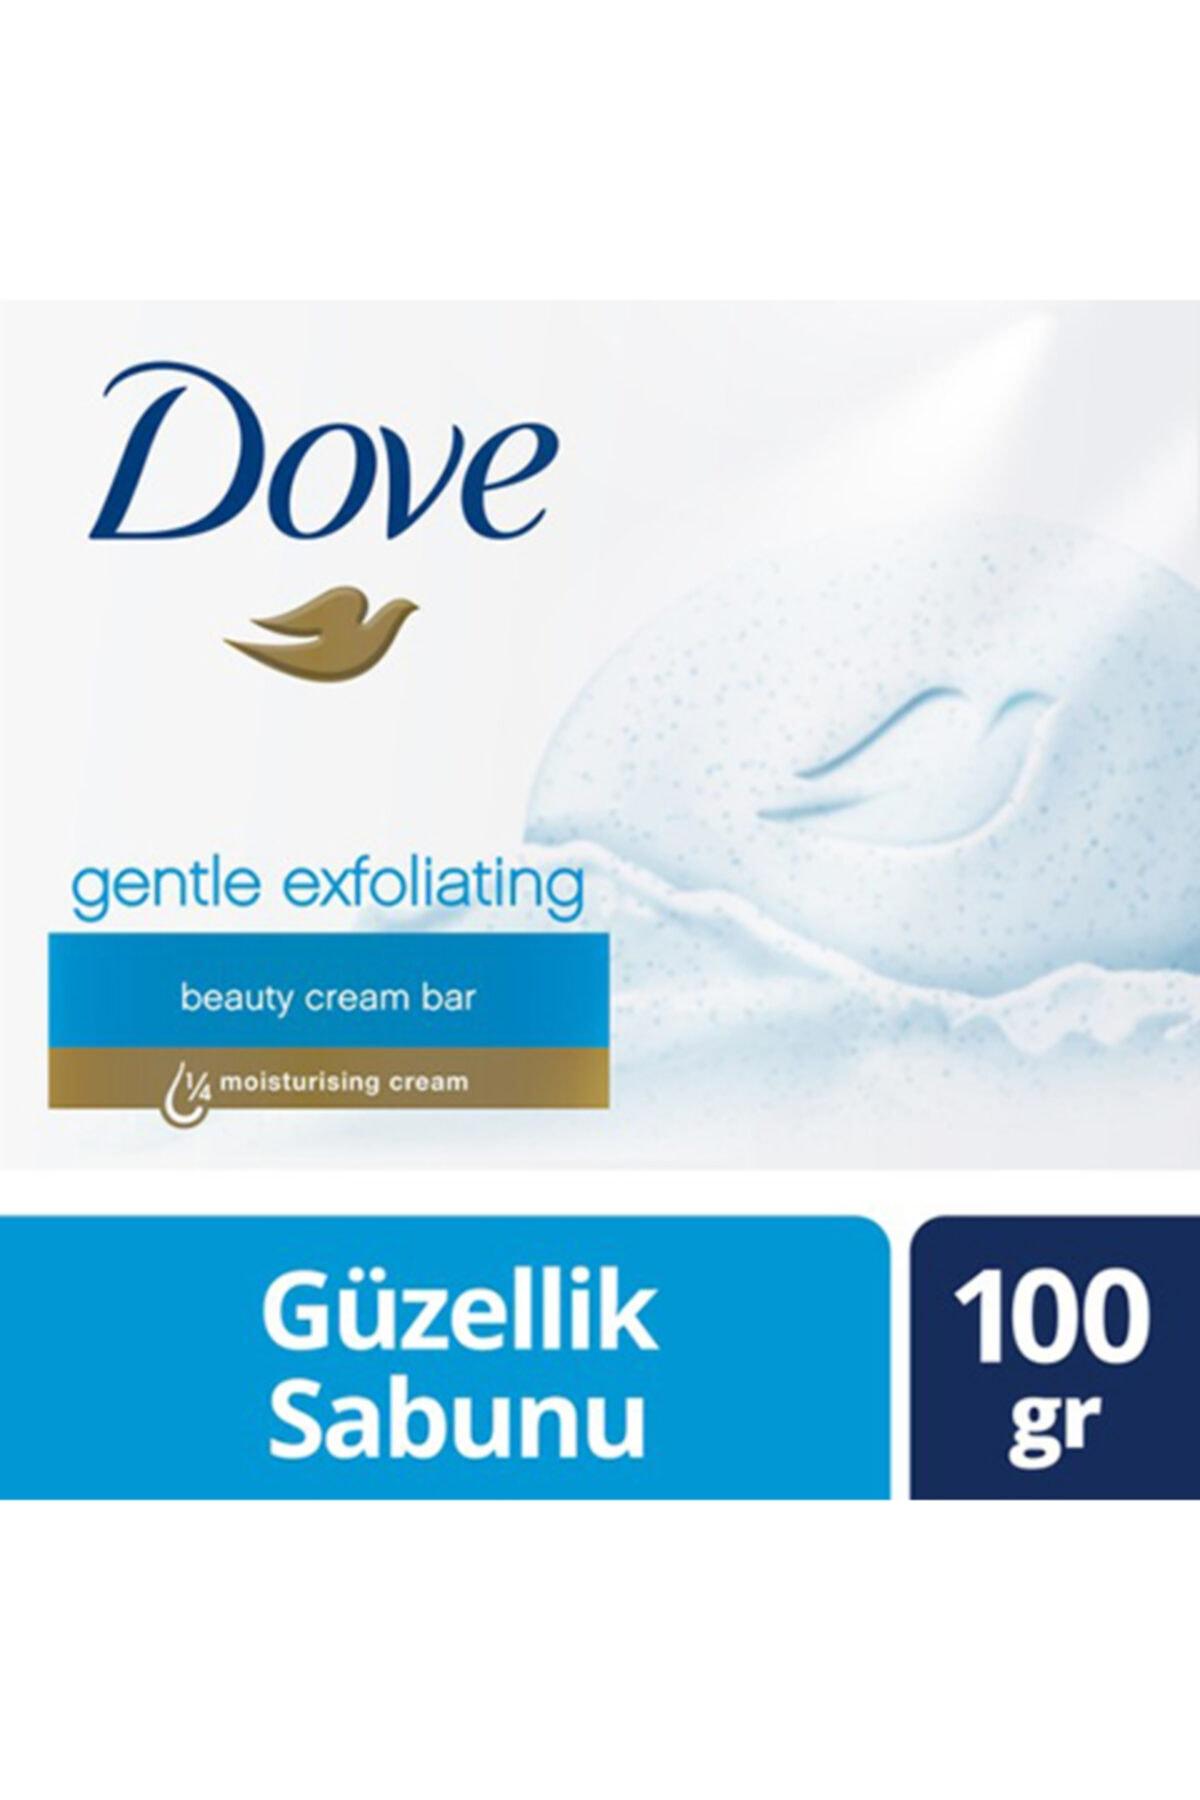 Dove Sabun 100gr Gentle Exfoliating Güzellik Sabunu 1